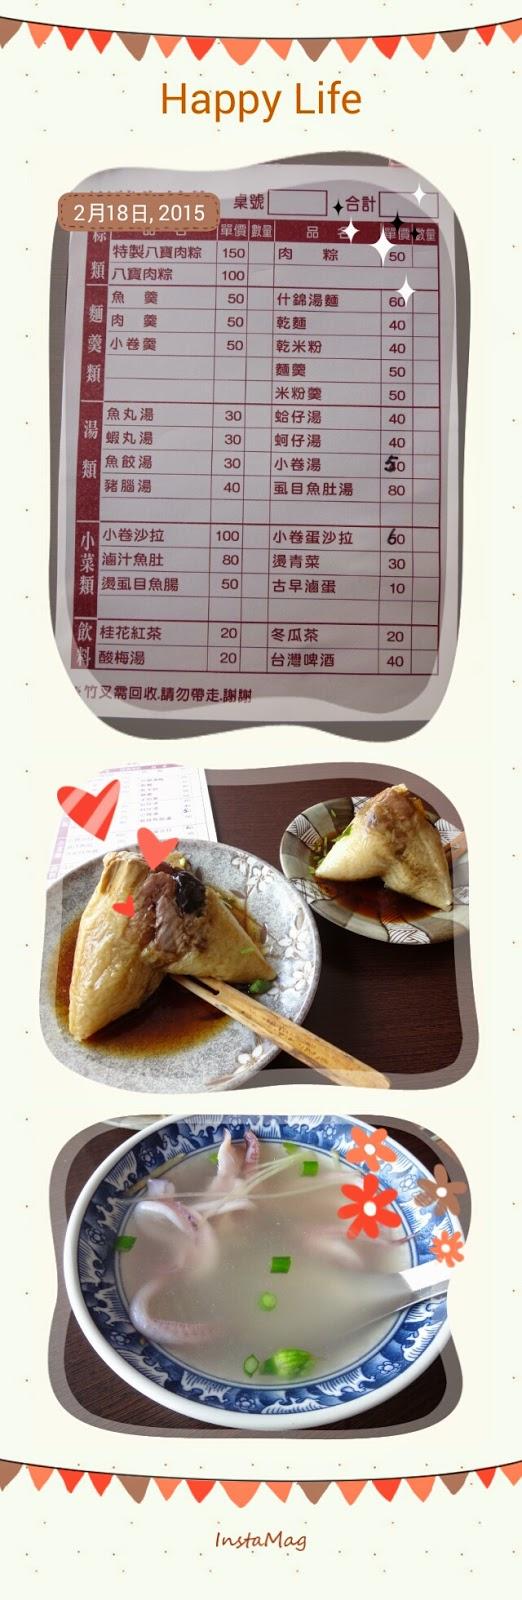 再發號肉粽Menu,他們的餐具也是很有特色,使用「竹叉」,版主比較手殘感覺不很那麼習慣,吃到最後肉粽都散了,不過他們也是有提供其他餐具,但預設是竹叉,呵。 ※PS:竹叉可是不能帶走的哦!